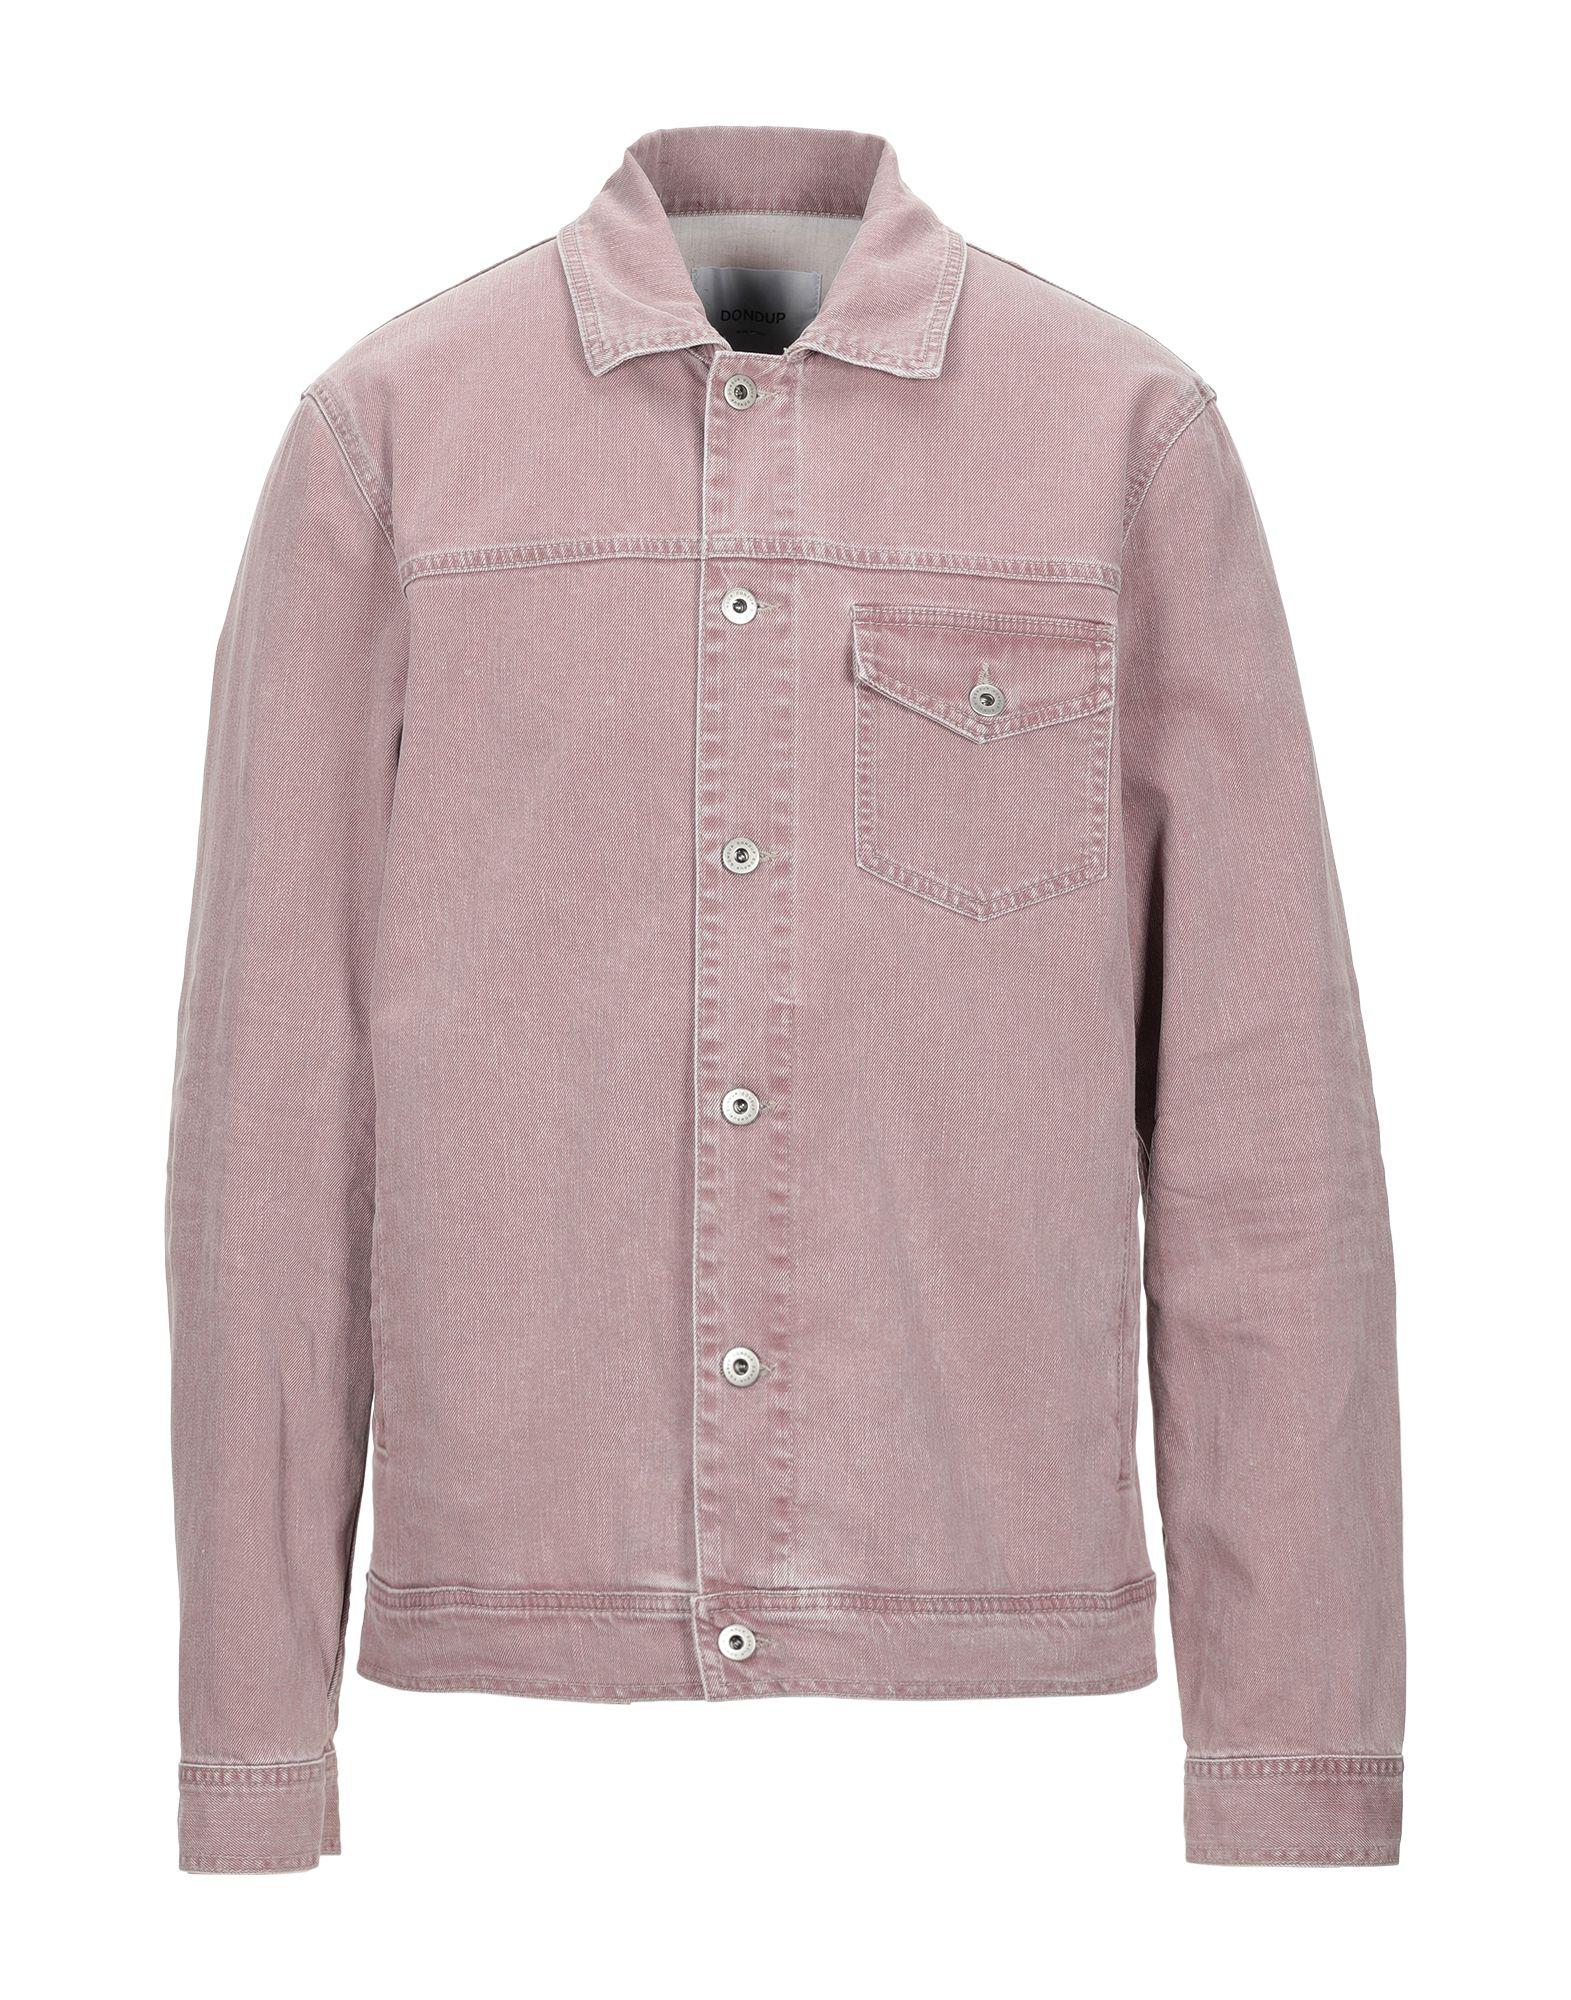 DONDUP Джинсовая верхняя одежда yeezy джинсовая верхняя одежда